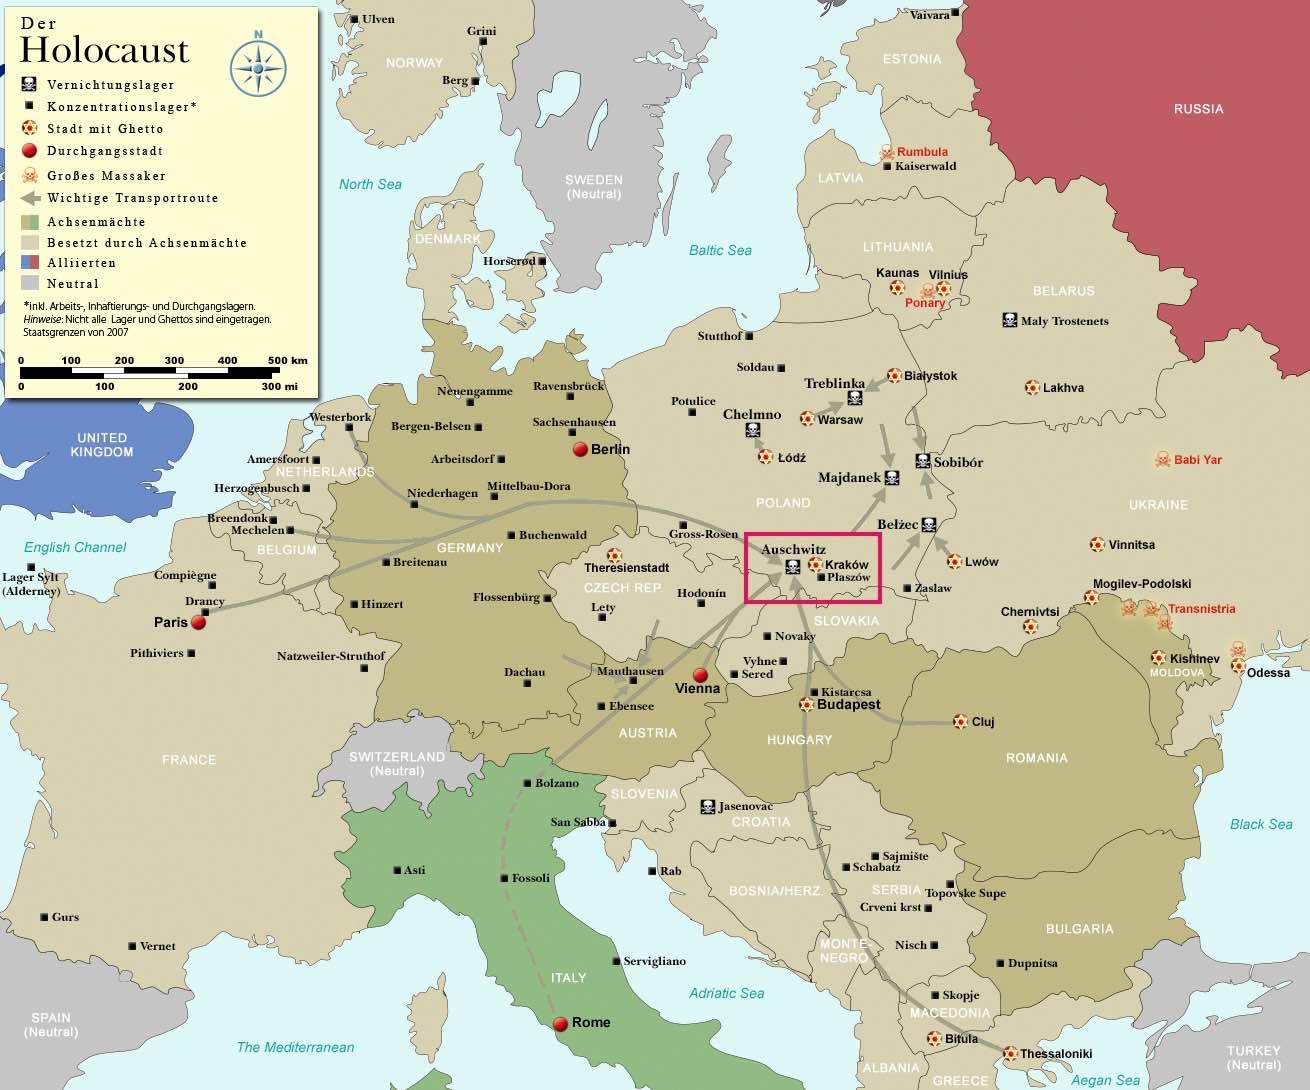 Где находился холокост